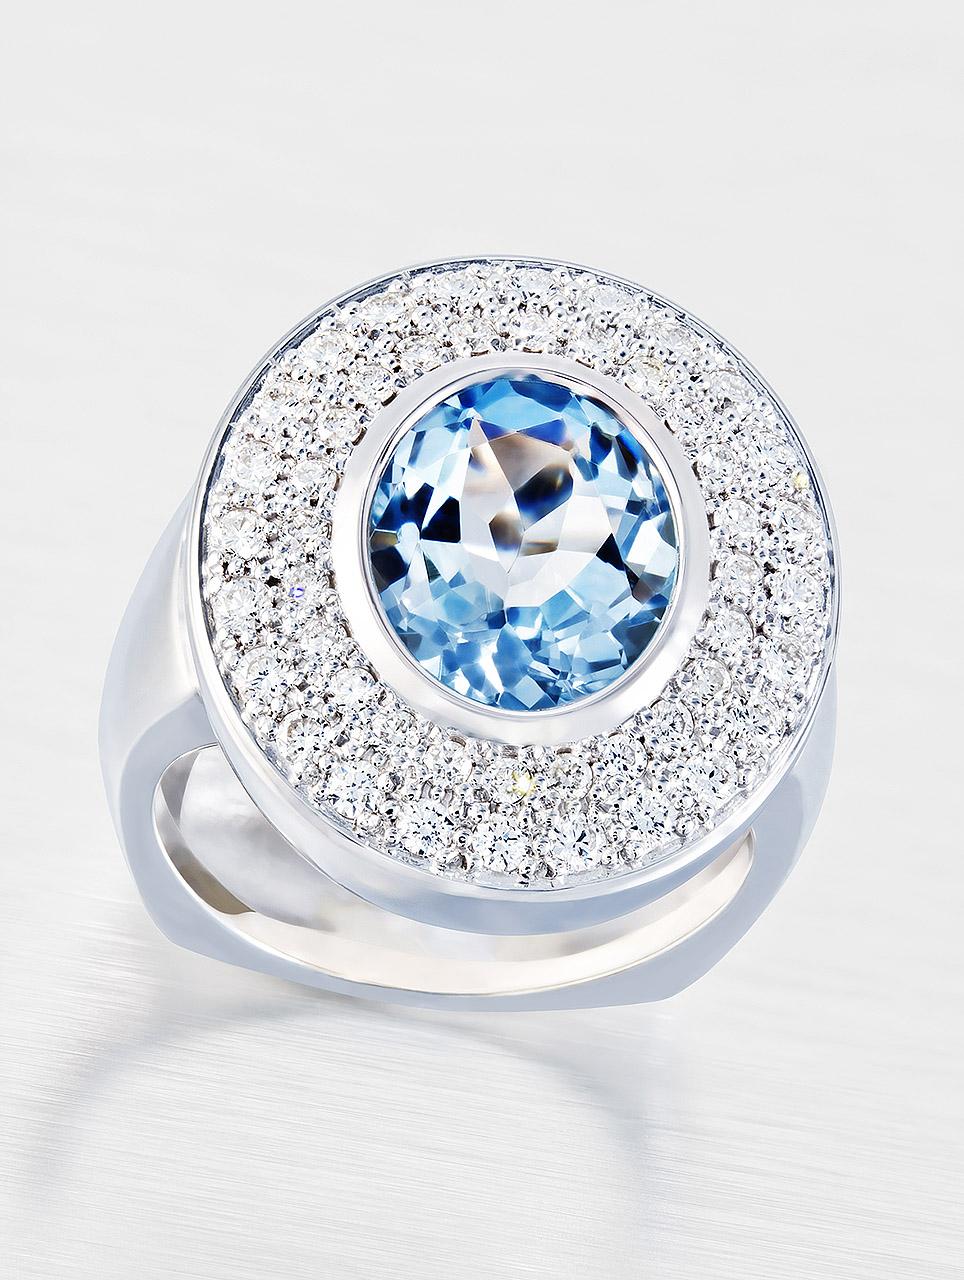 Weissgold Ring mit Aquamarin und Brillanten